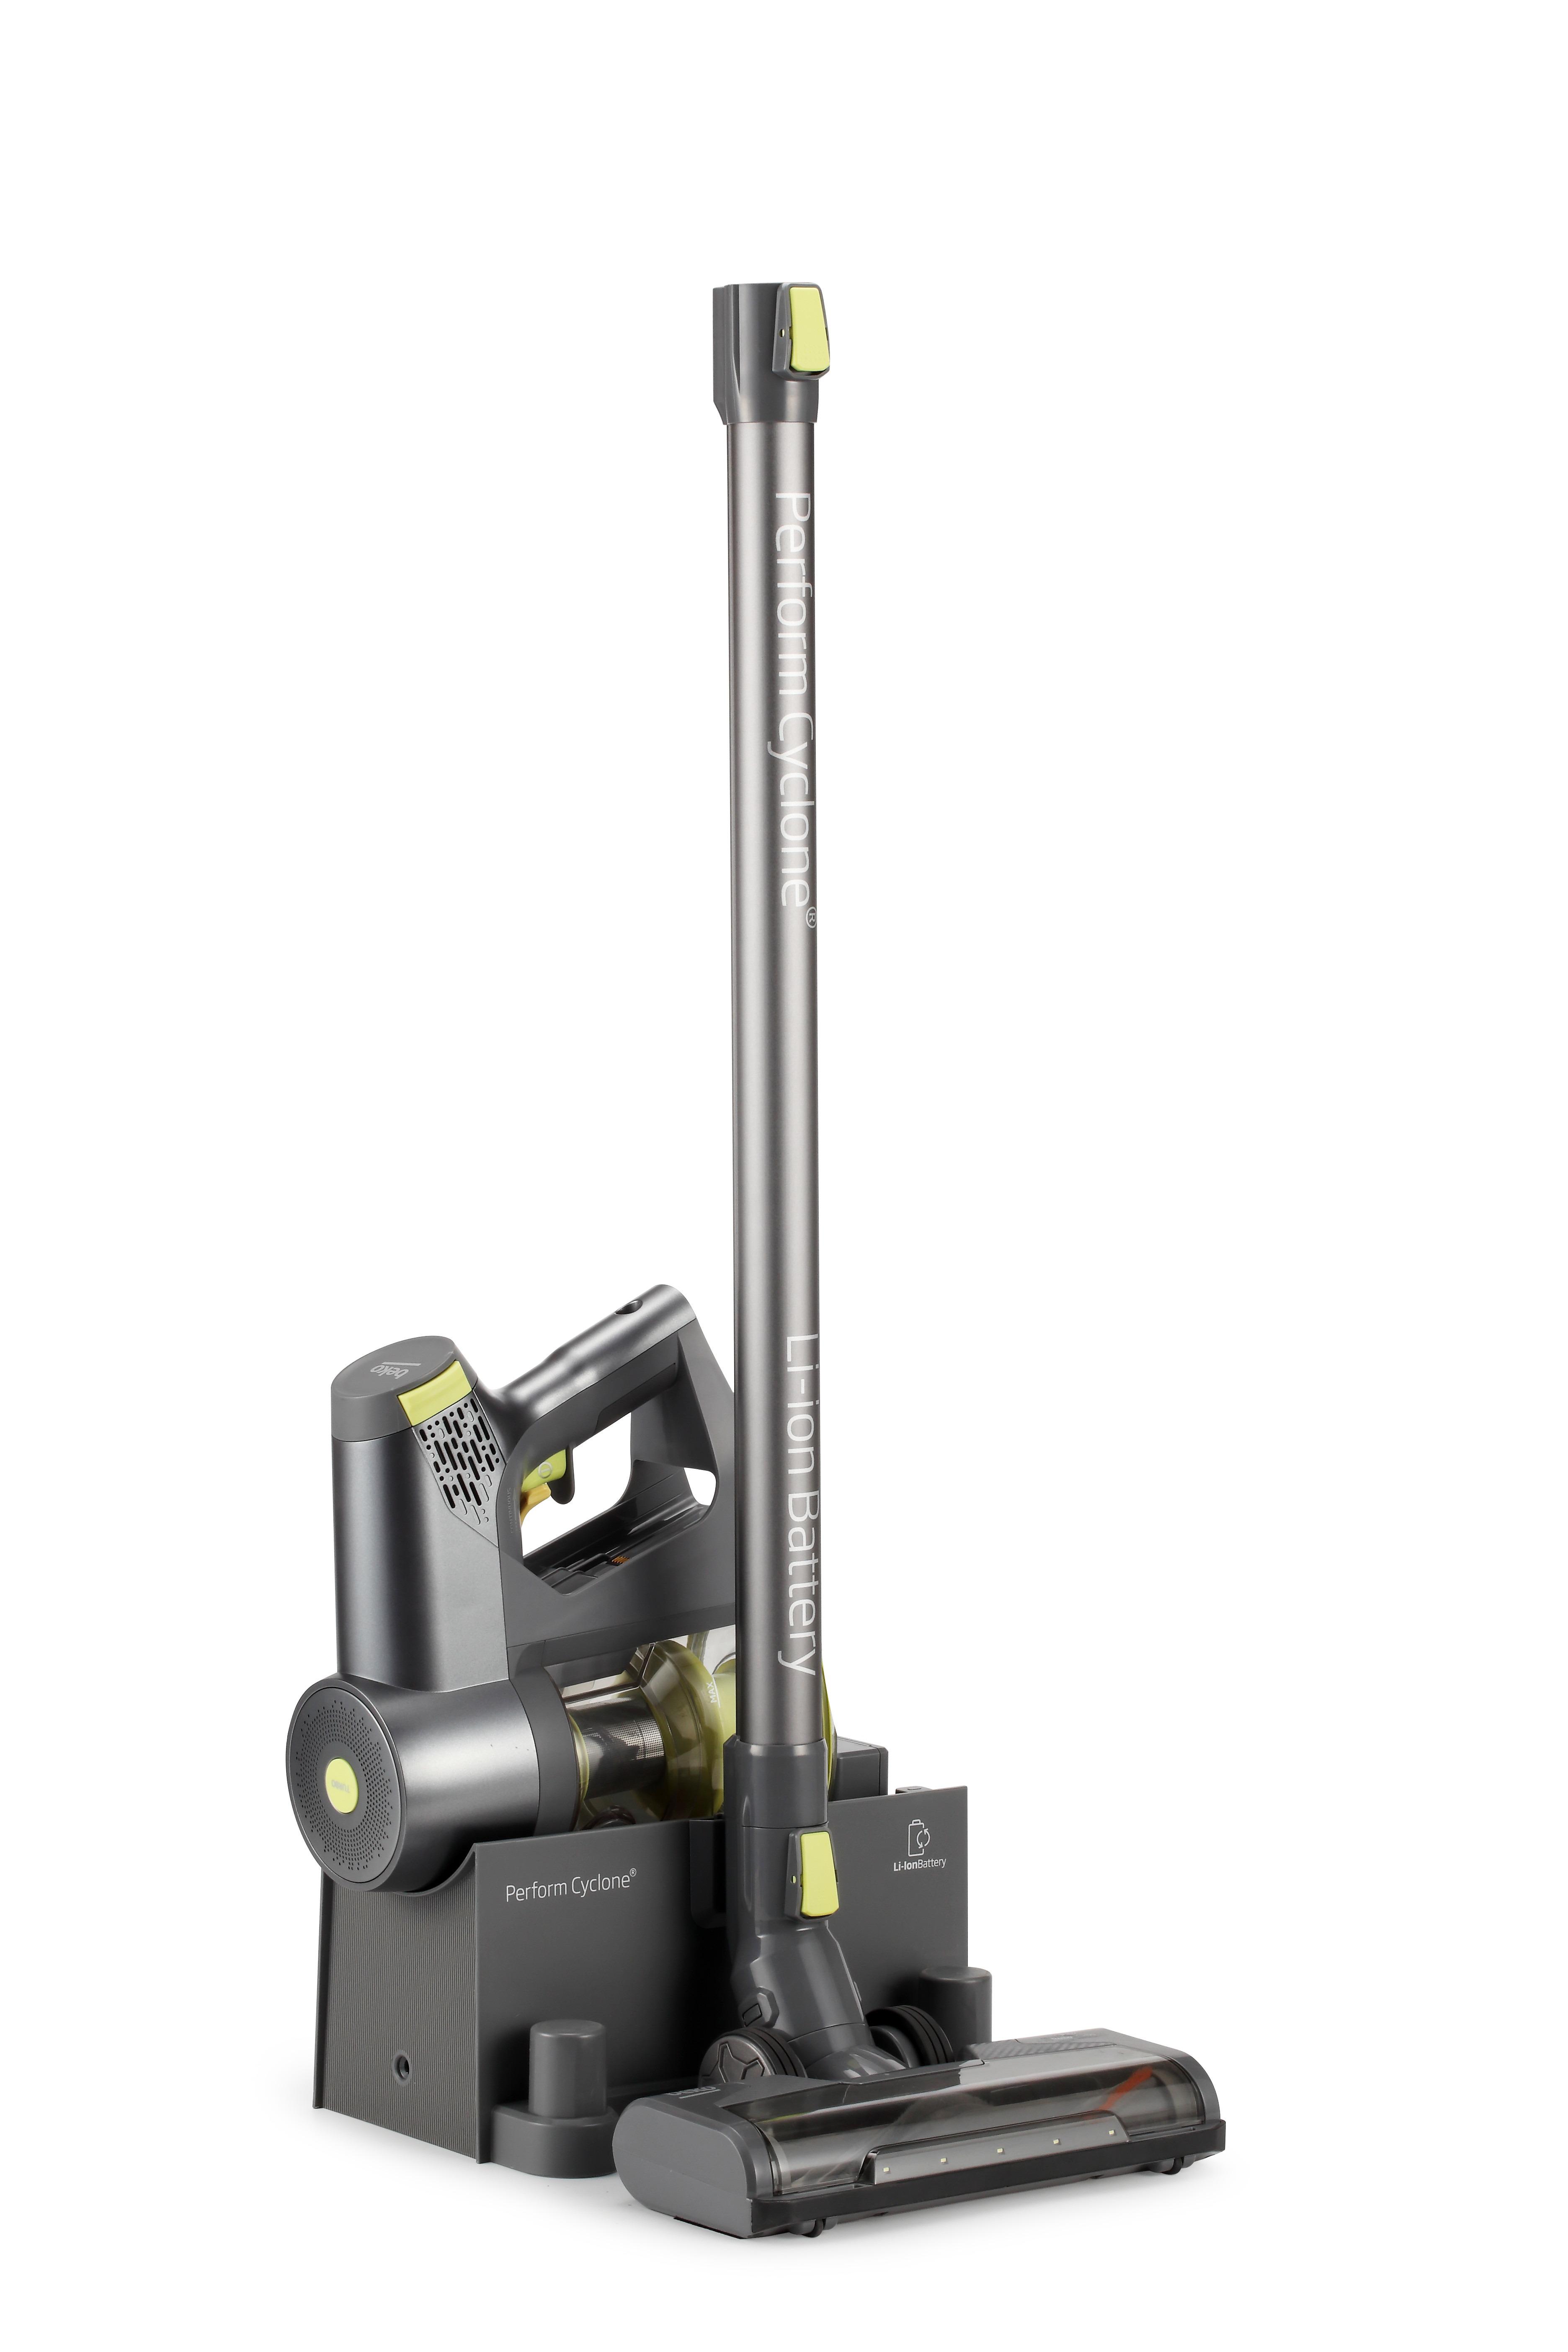 Beko steelstofzuiger VRT82821BV - Prijsvergelijk